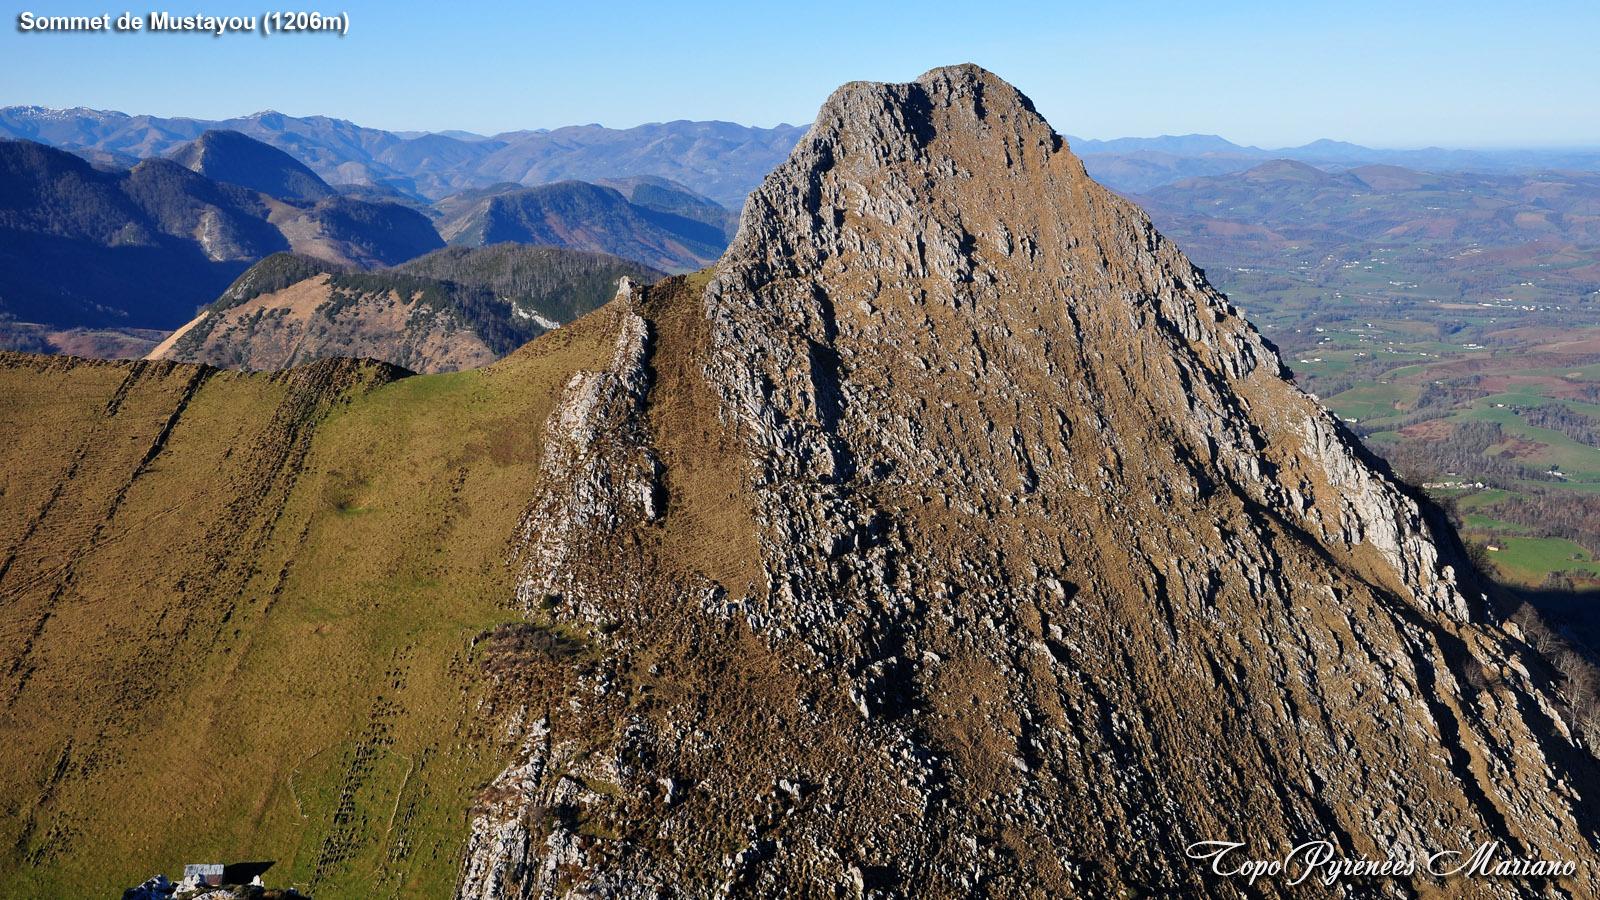 Randonnée sommet de Mustayou (1206m) depuis le col de Boucoig